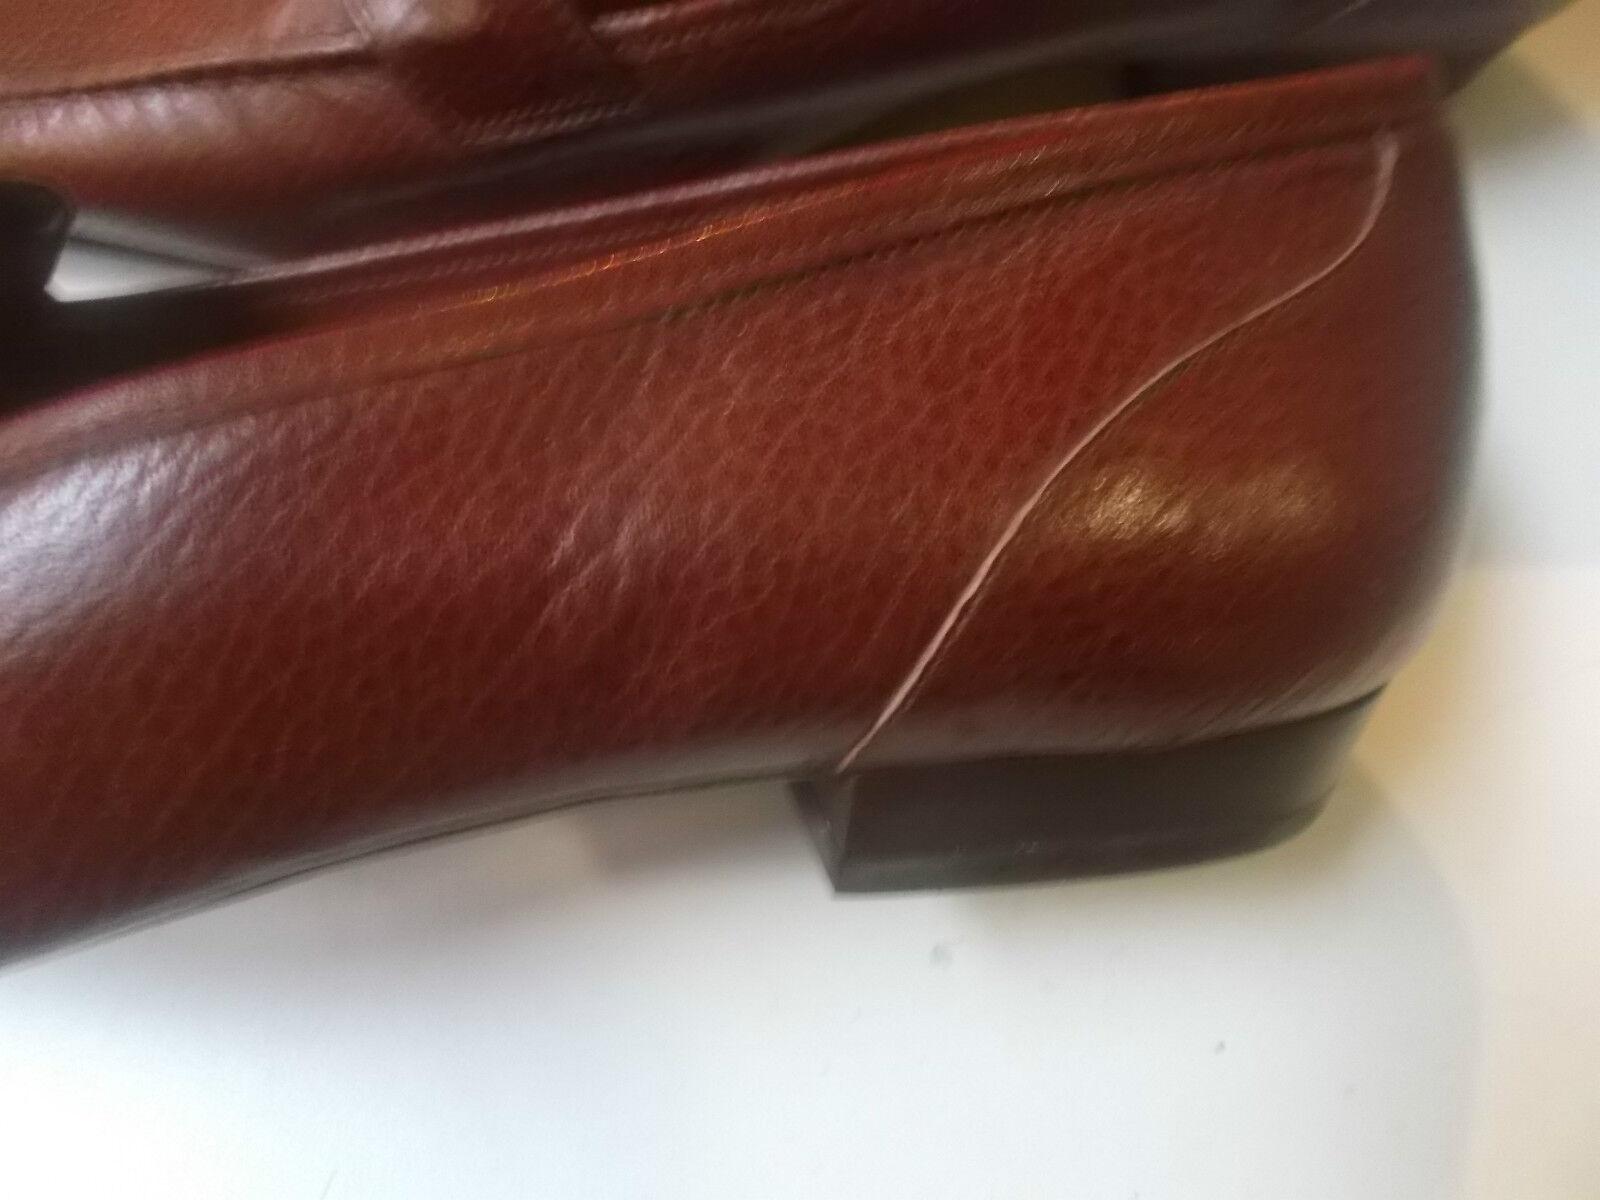 Mocassini brown scarpe donna BAROCCO pelle brown Mocassini alta qualità 37.5-pelle Scarpe 1a9fd4